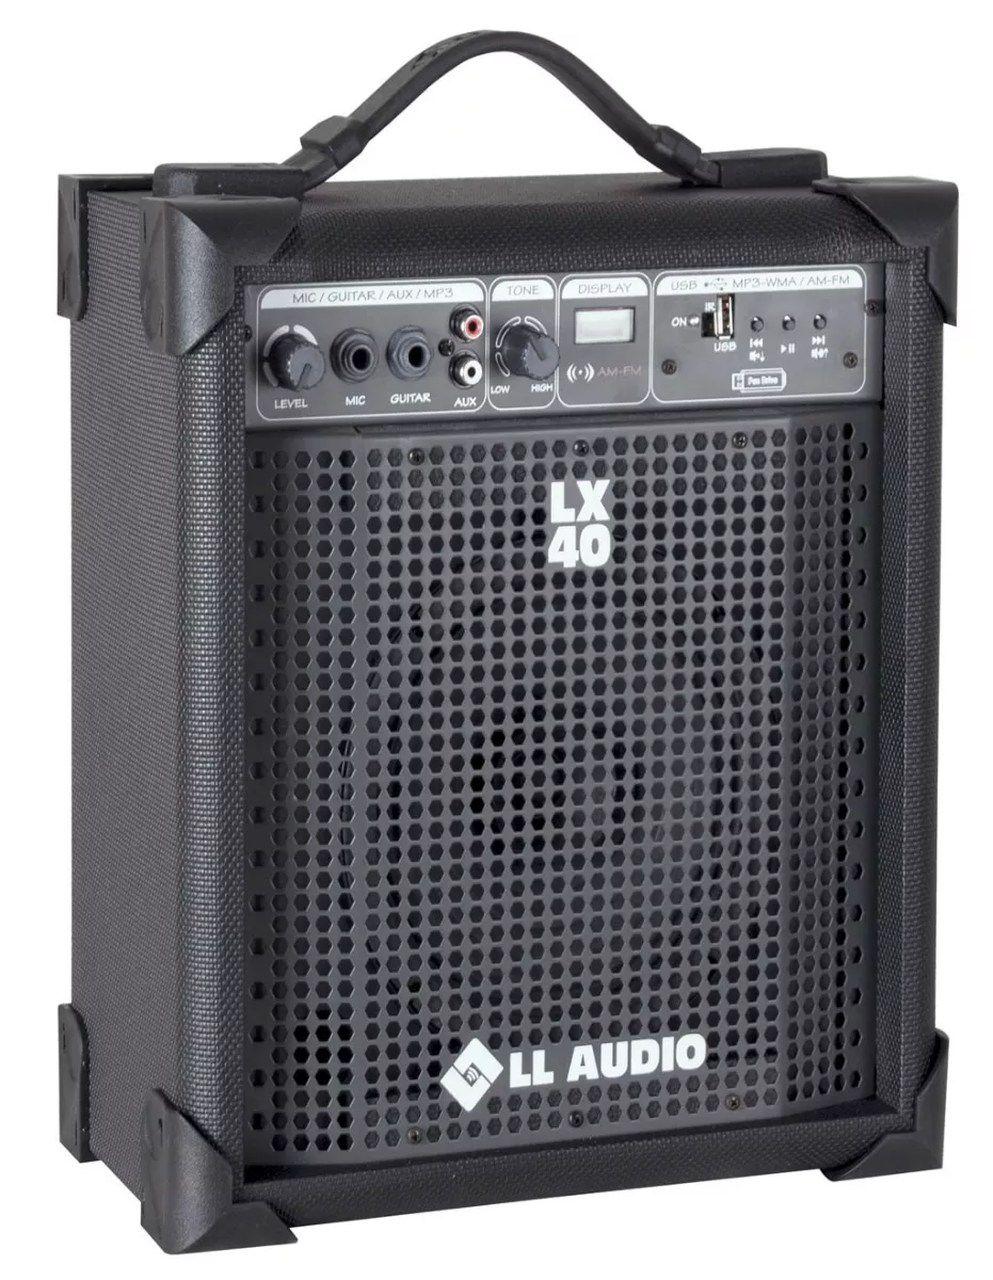 Caixa de Som Amplificada LL 10W LX40FM FM e USB BIVOLT